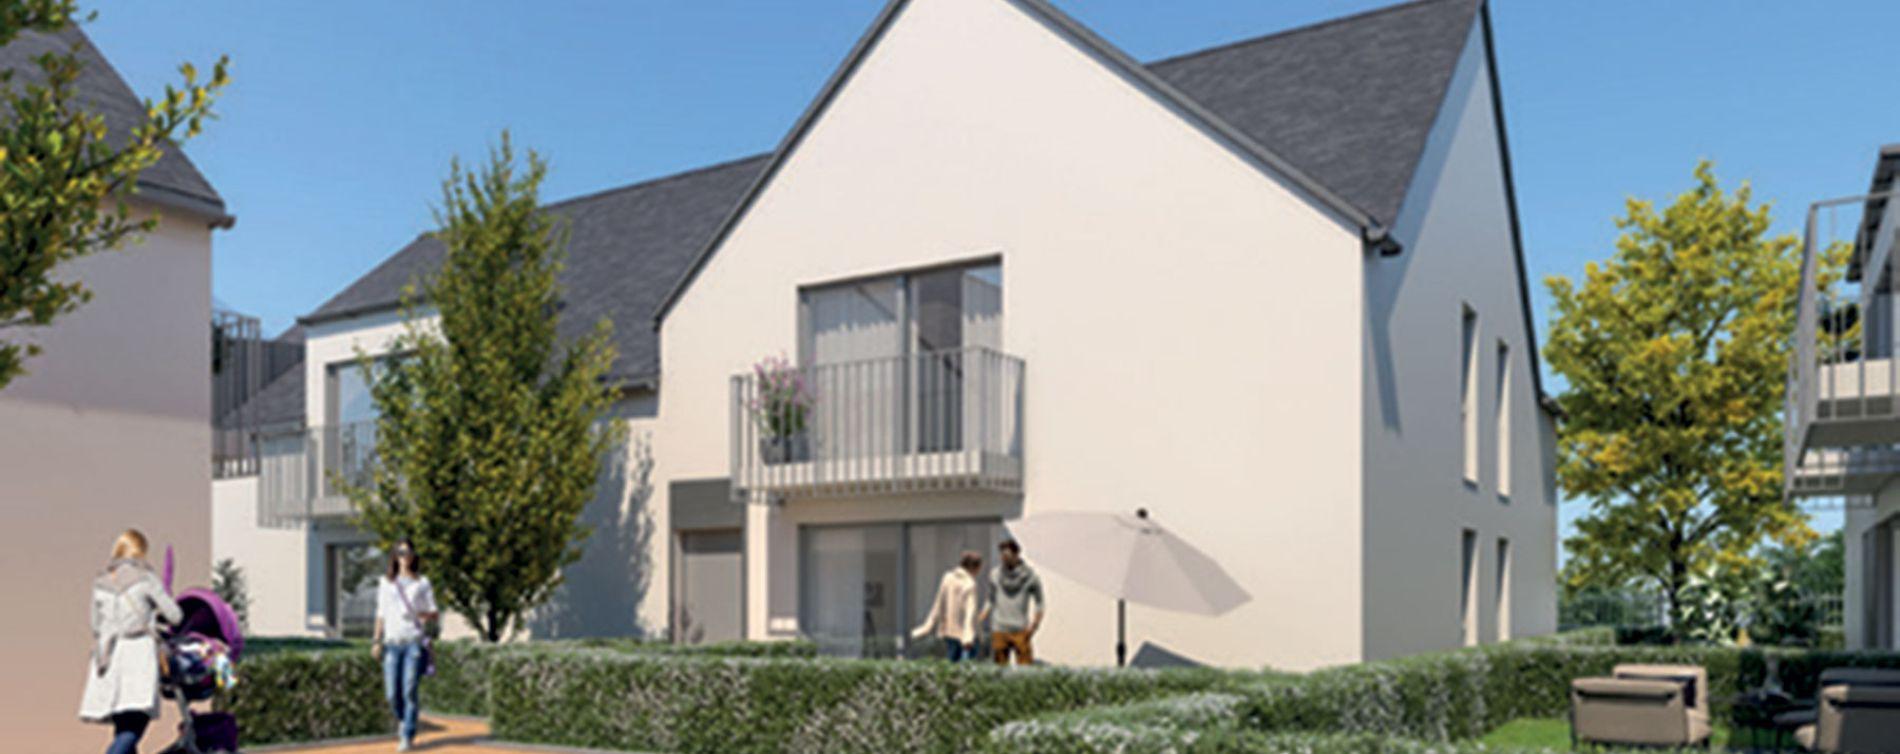 Résidence Le Hameau des Lys 2 à Amboise